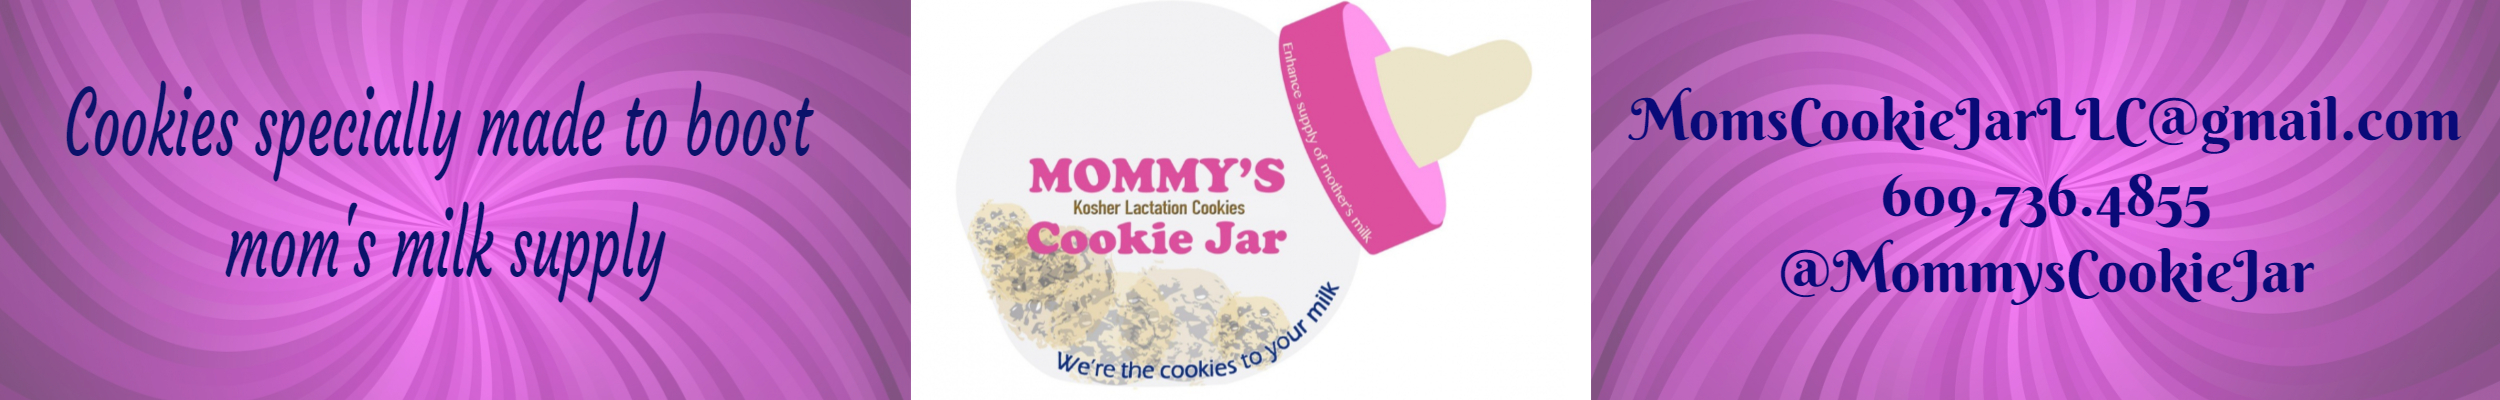 moms cookie jar web.jpg